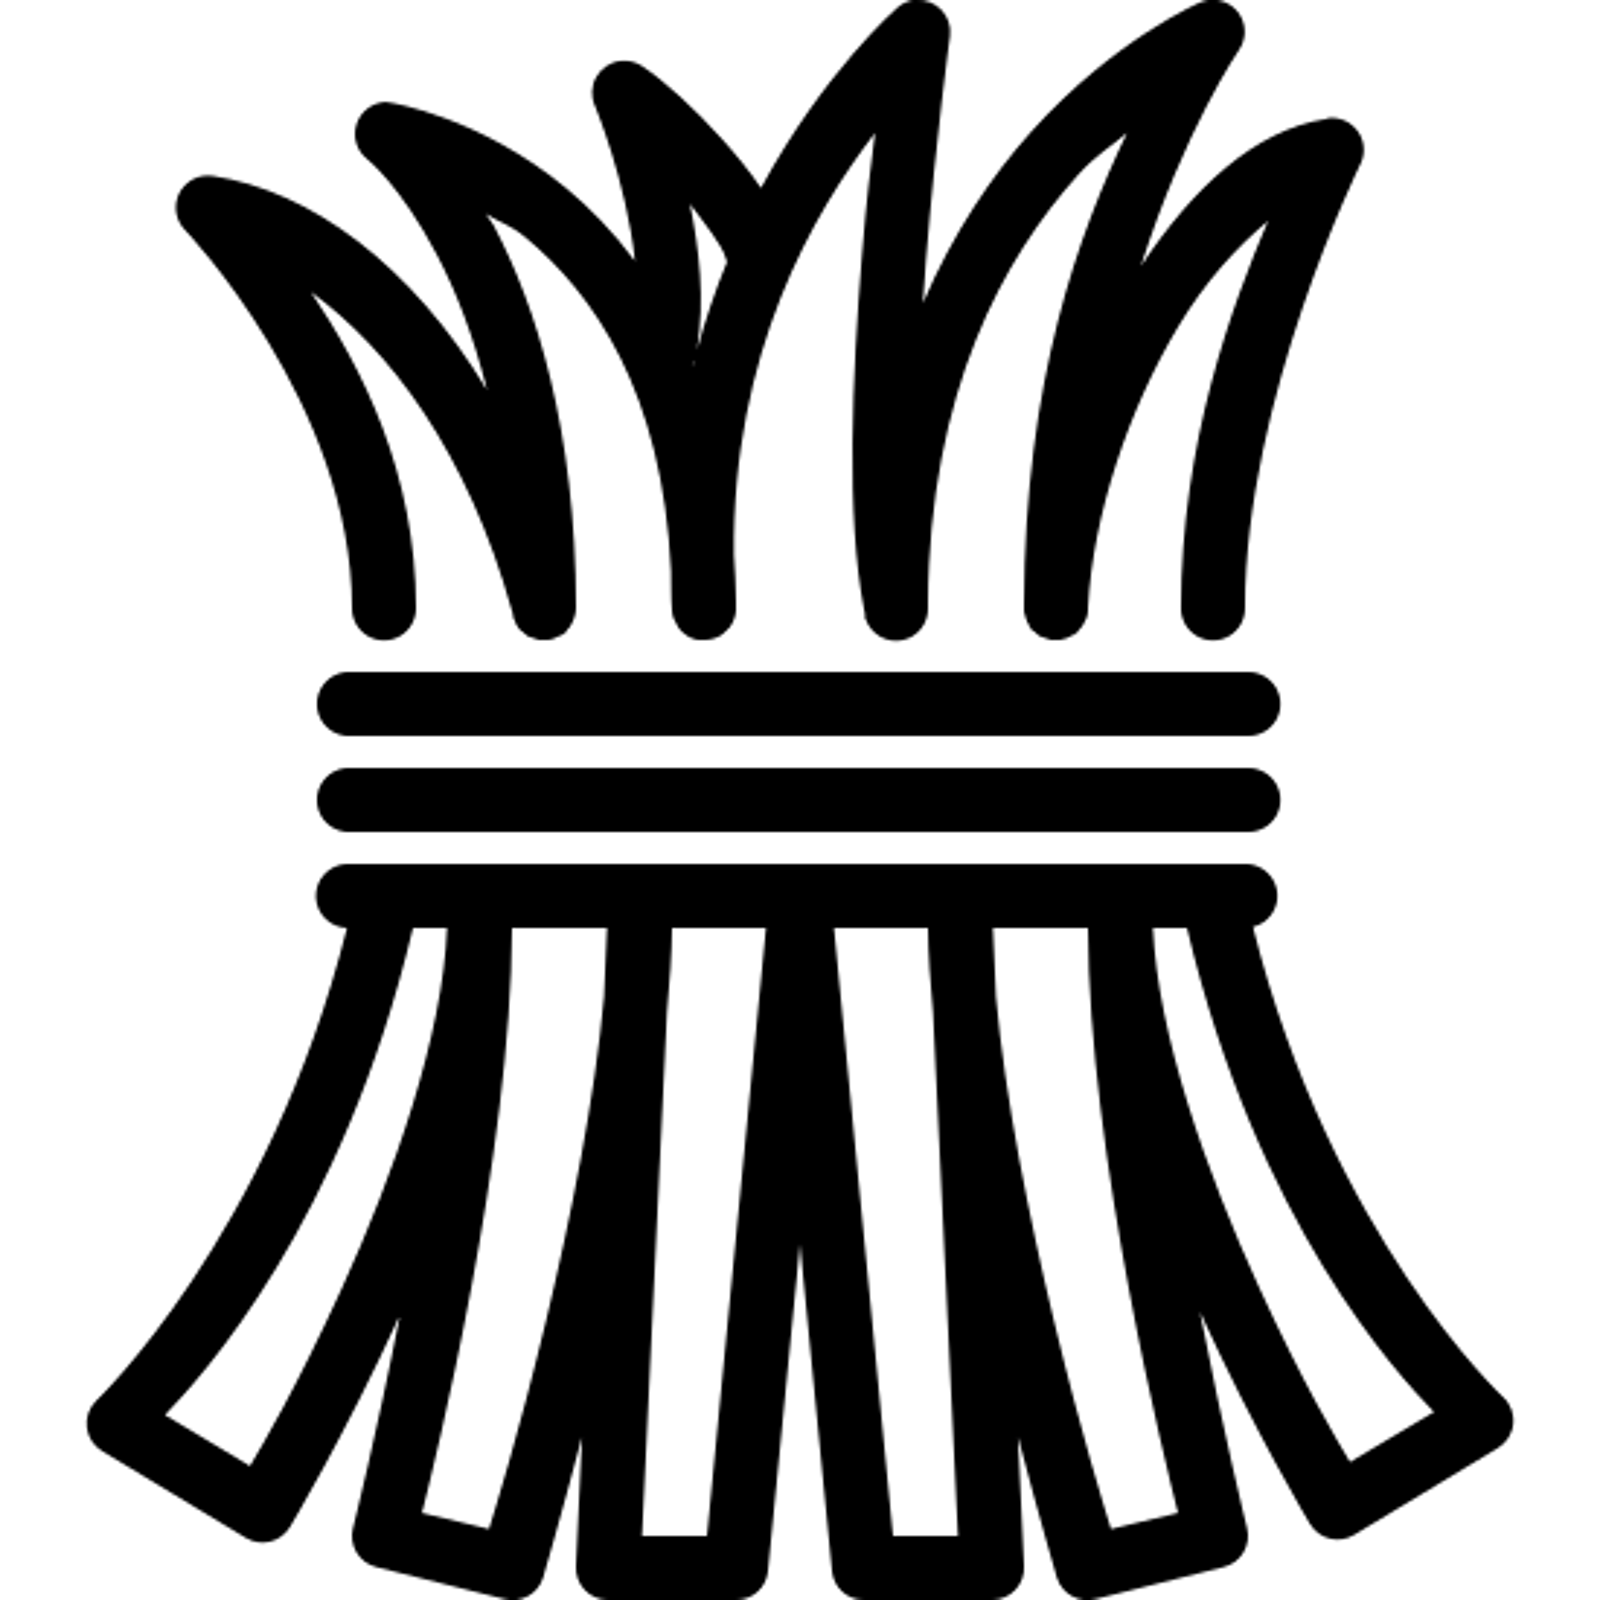 干し草 icon. A hay icon is a group of stick like objects that are bundled together. The hay icon has a pointy tip to show the pointy texture of hay. Another thing that the icon represents is that hay is pretty much always bundled or stuck together, and you would not see one piece of hay.